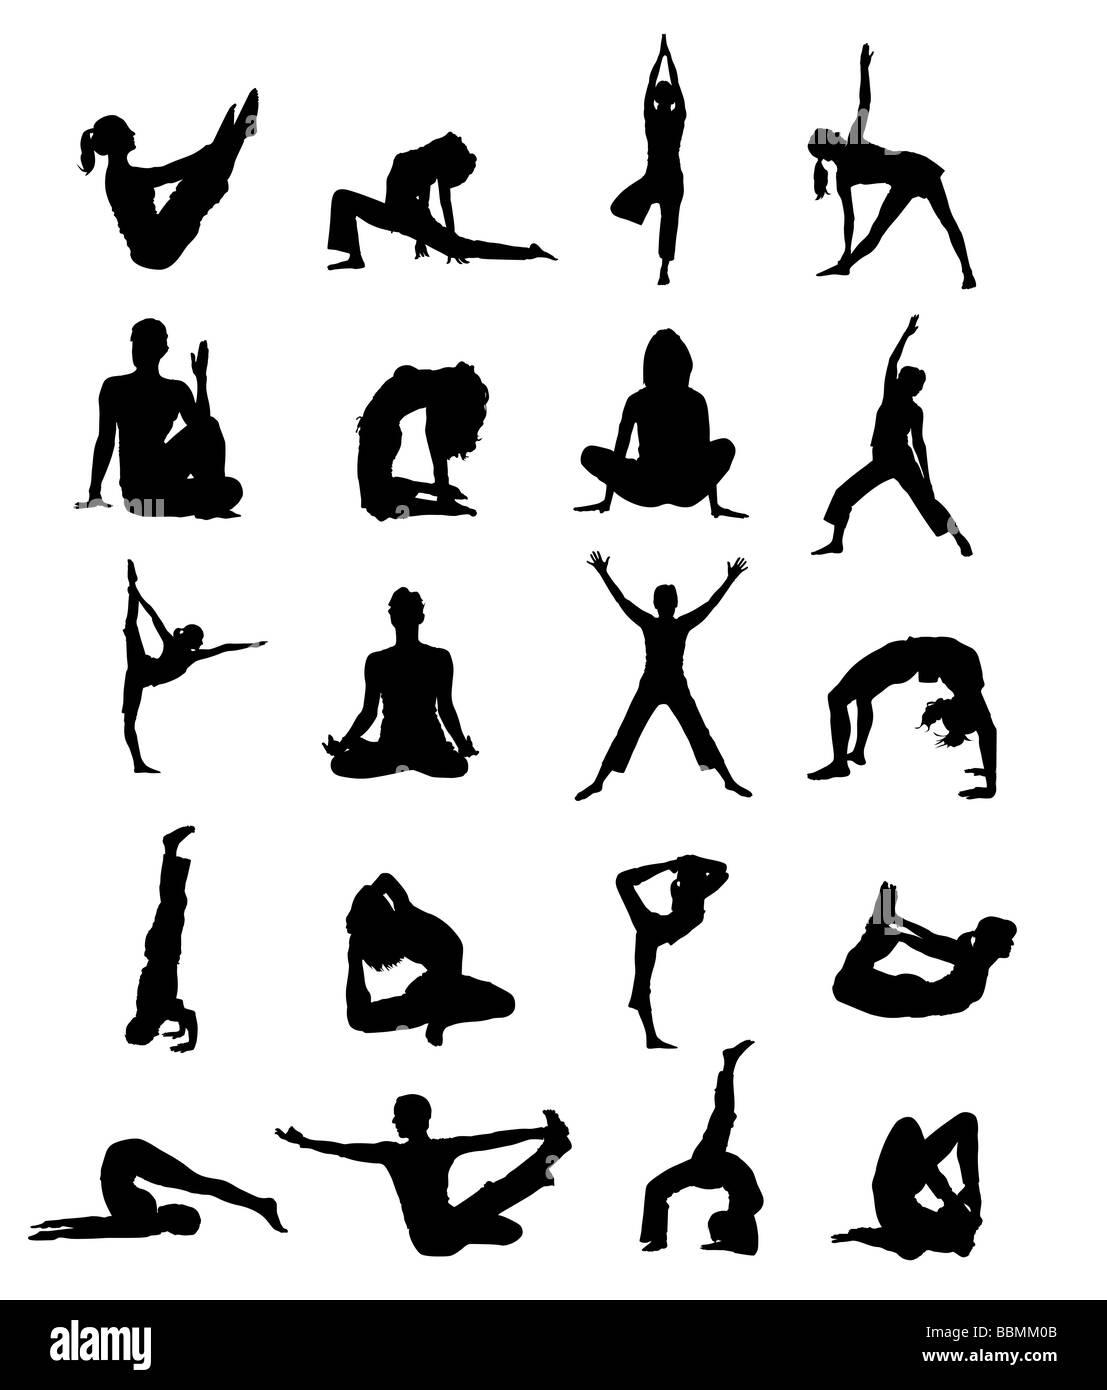 Ilustración gráfica silueta personas joga gimnasio sport Imagen De Stock